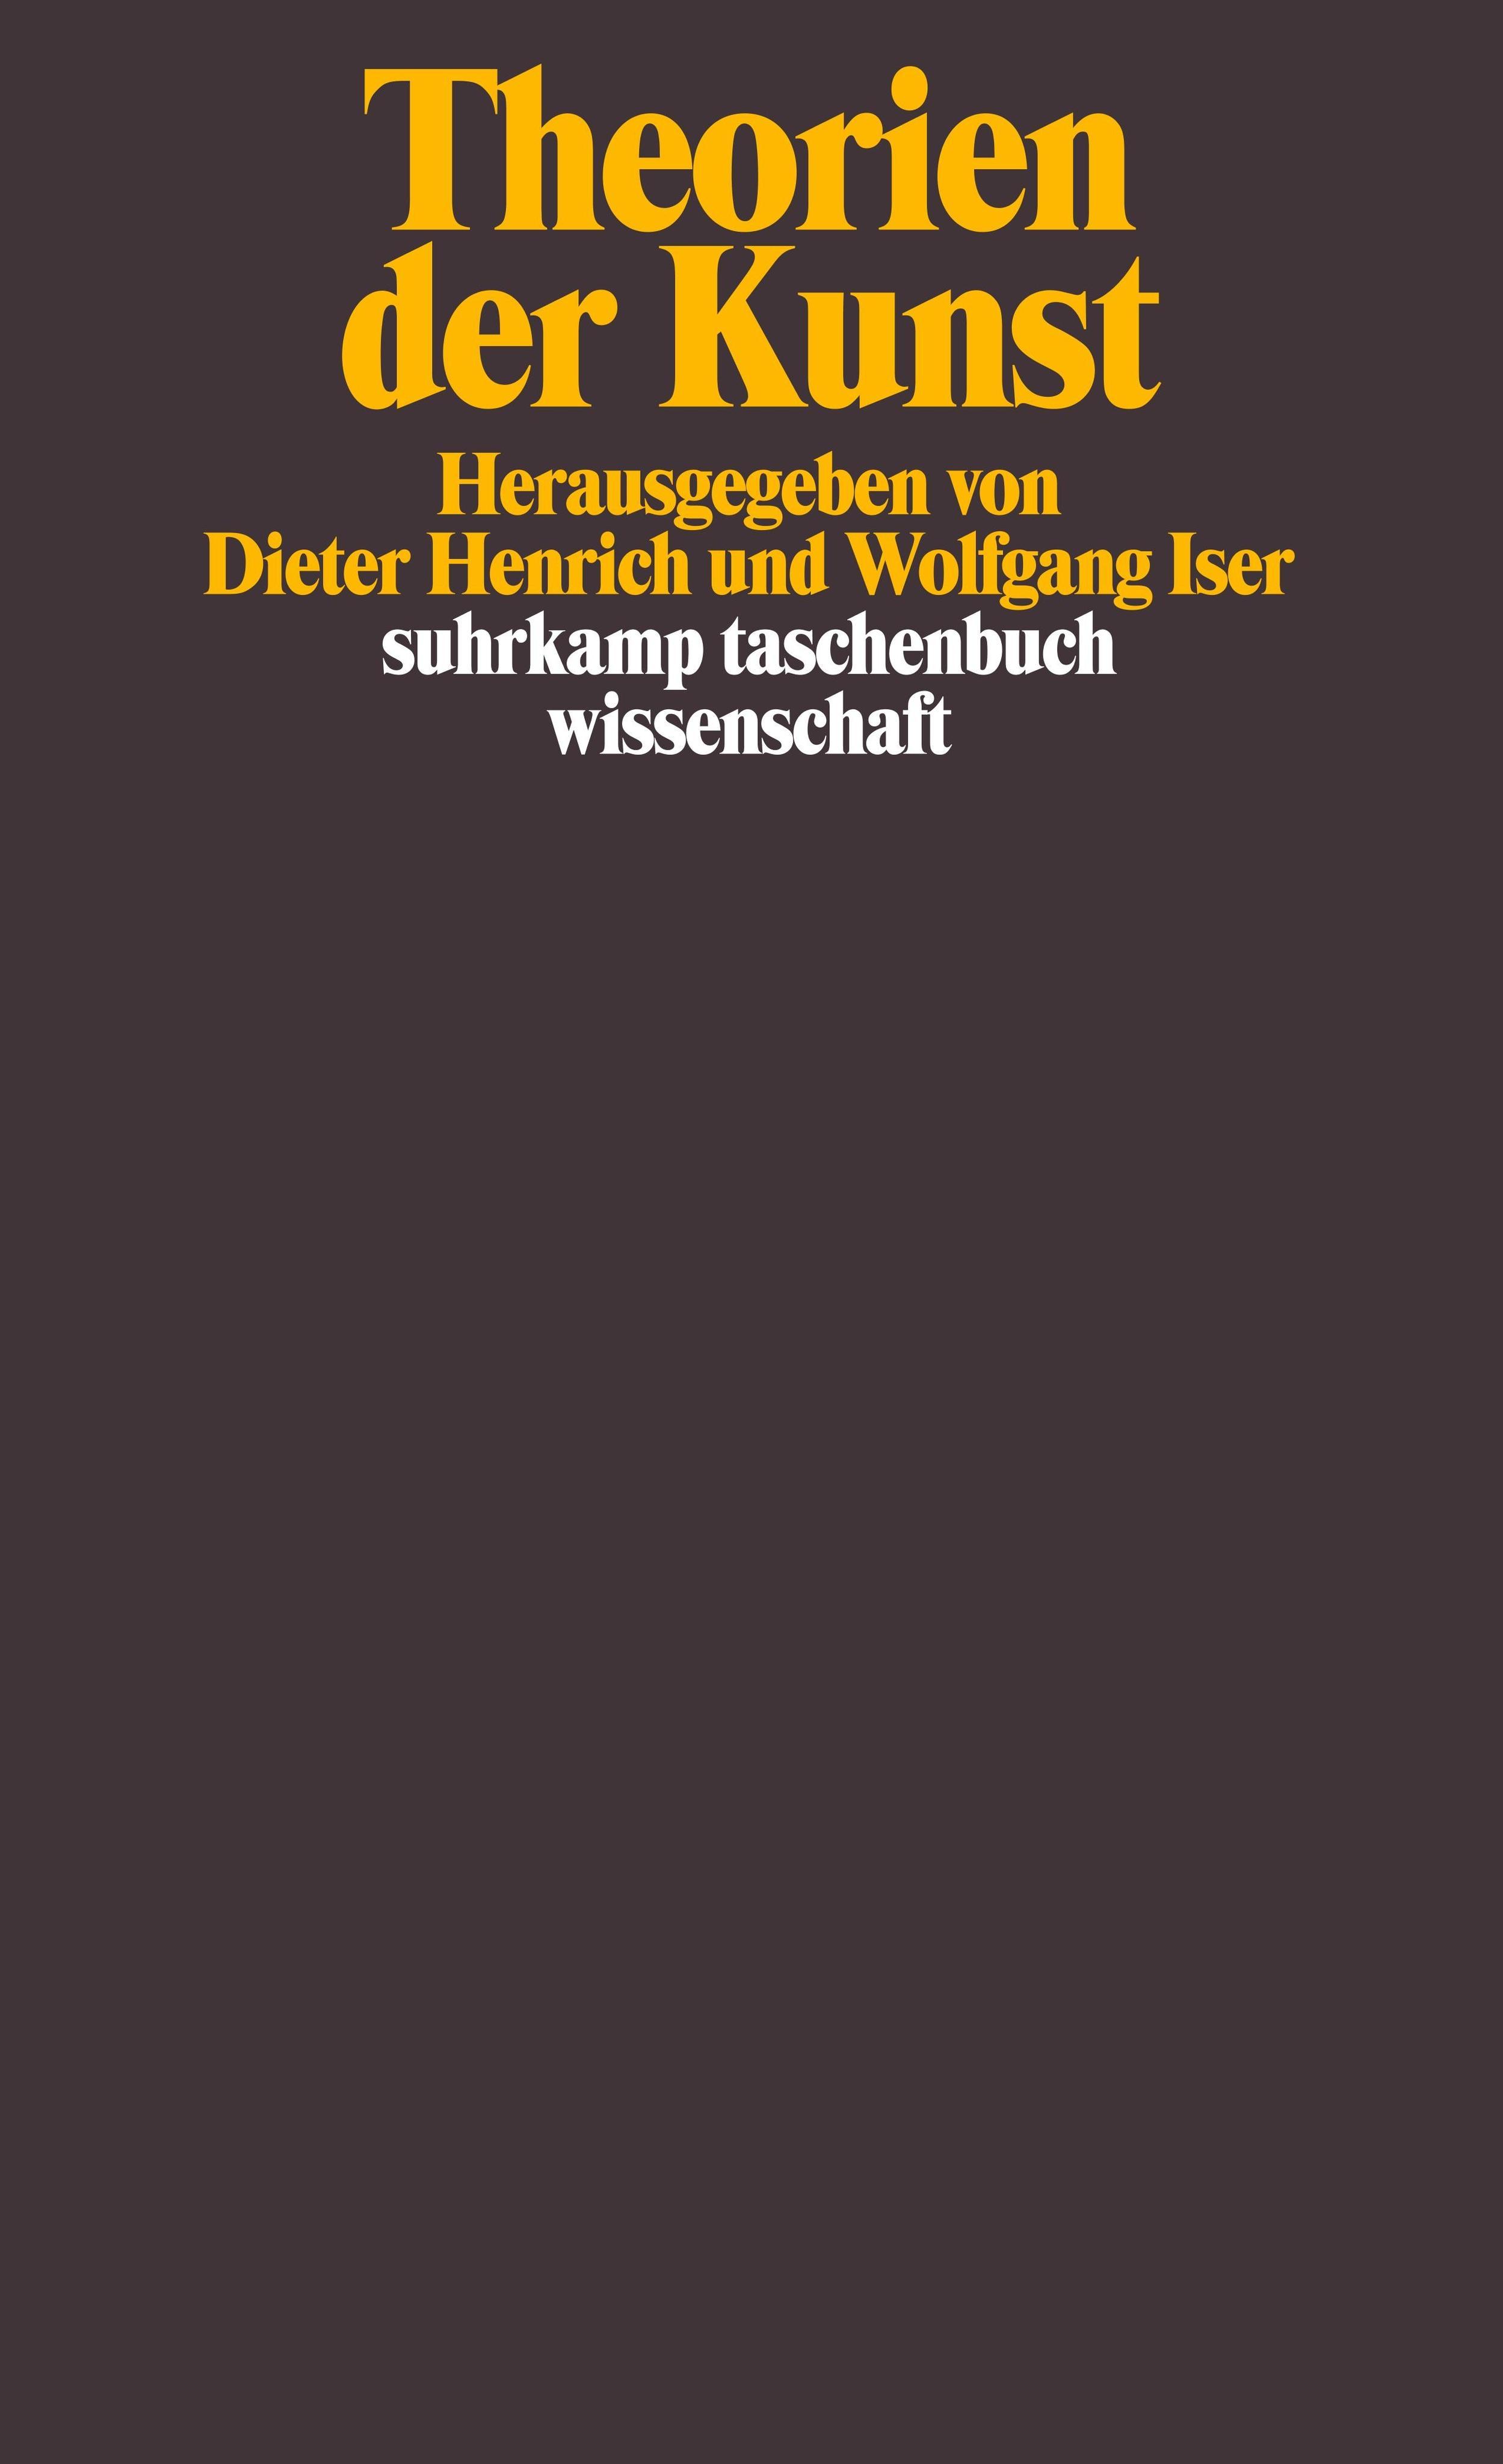 Wolfgang Iser ~ Theorien der Kunst (suhrkamp taschenbuch wisse ... 9783518286128